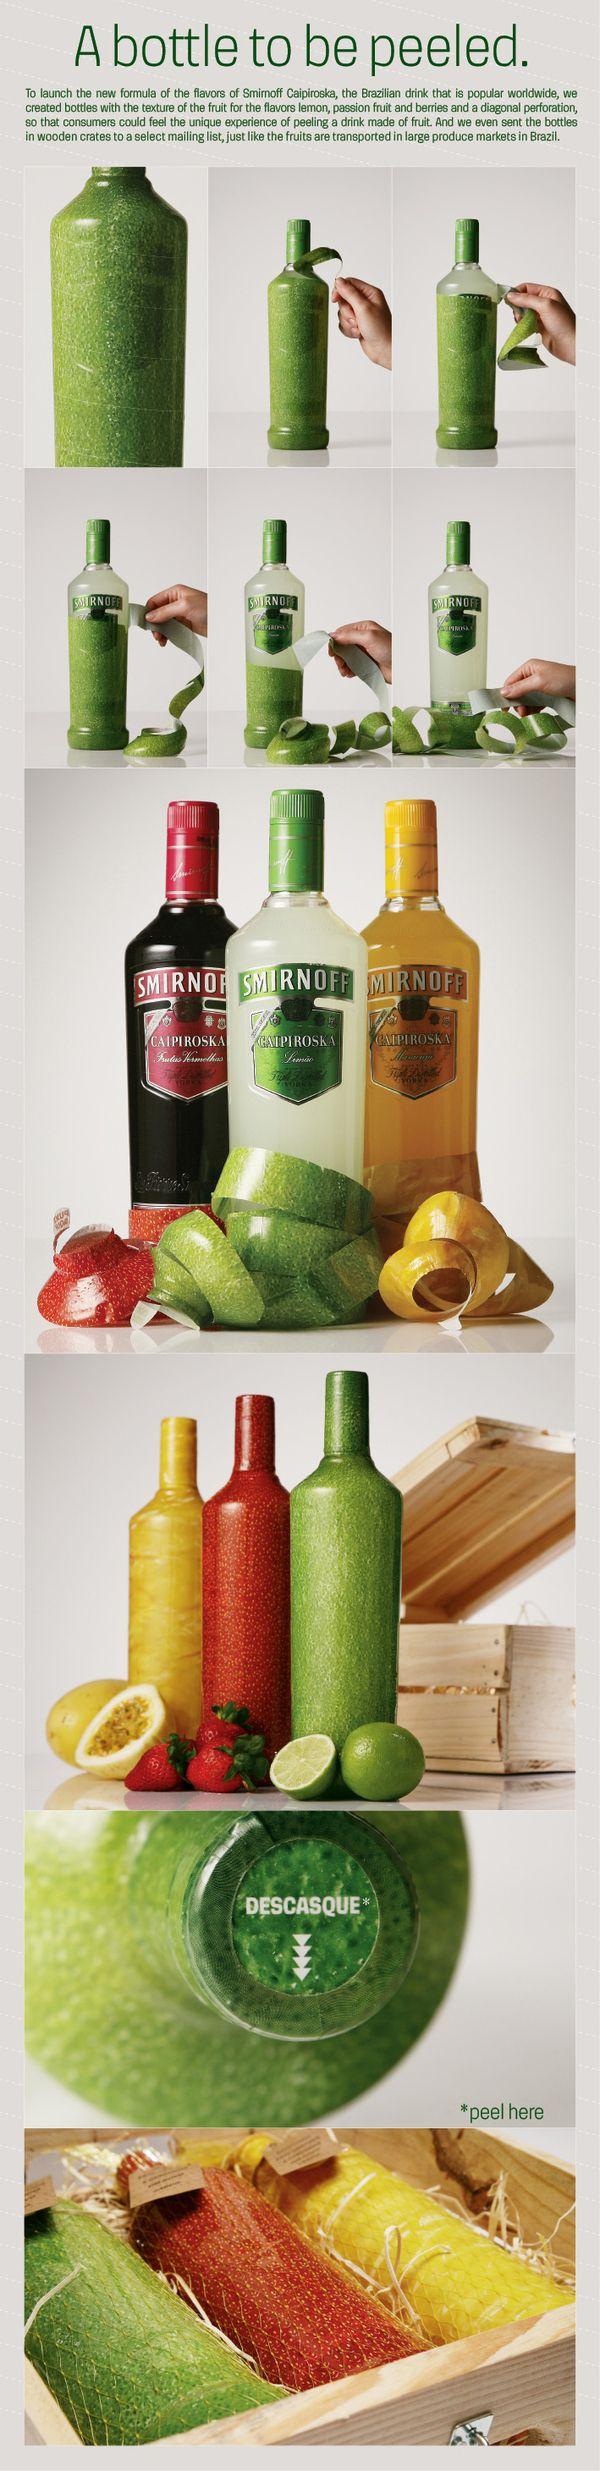 Fruit peel label for vodka bottles.